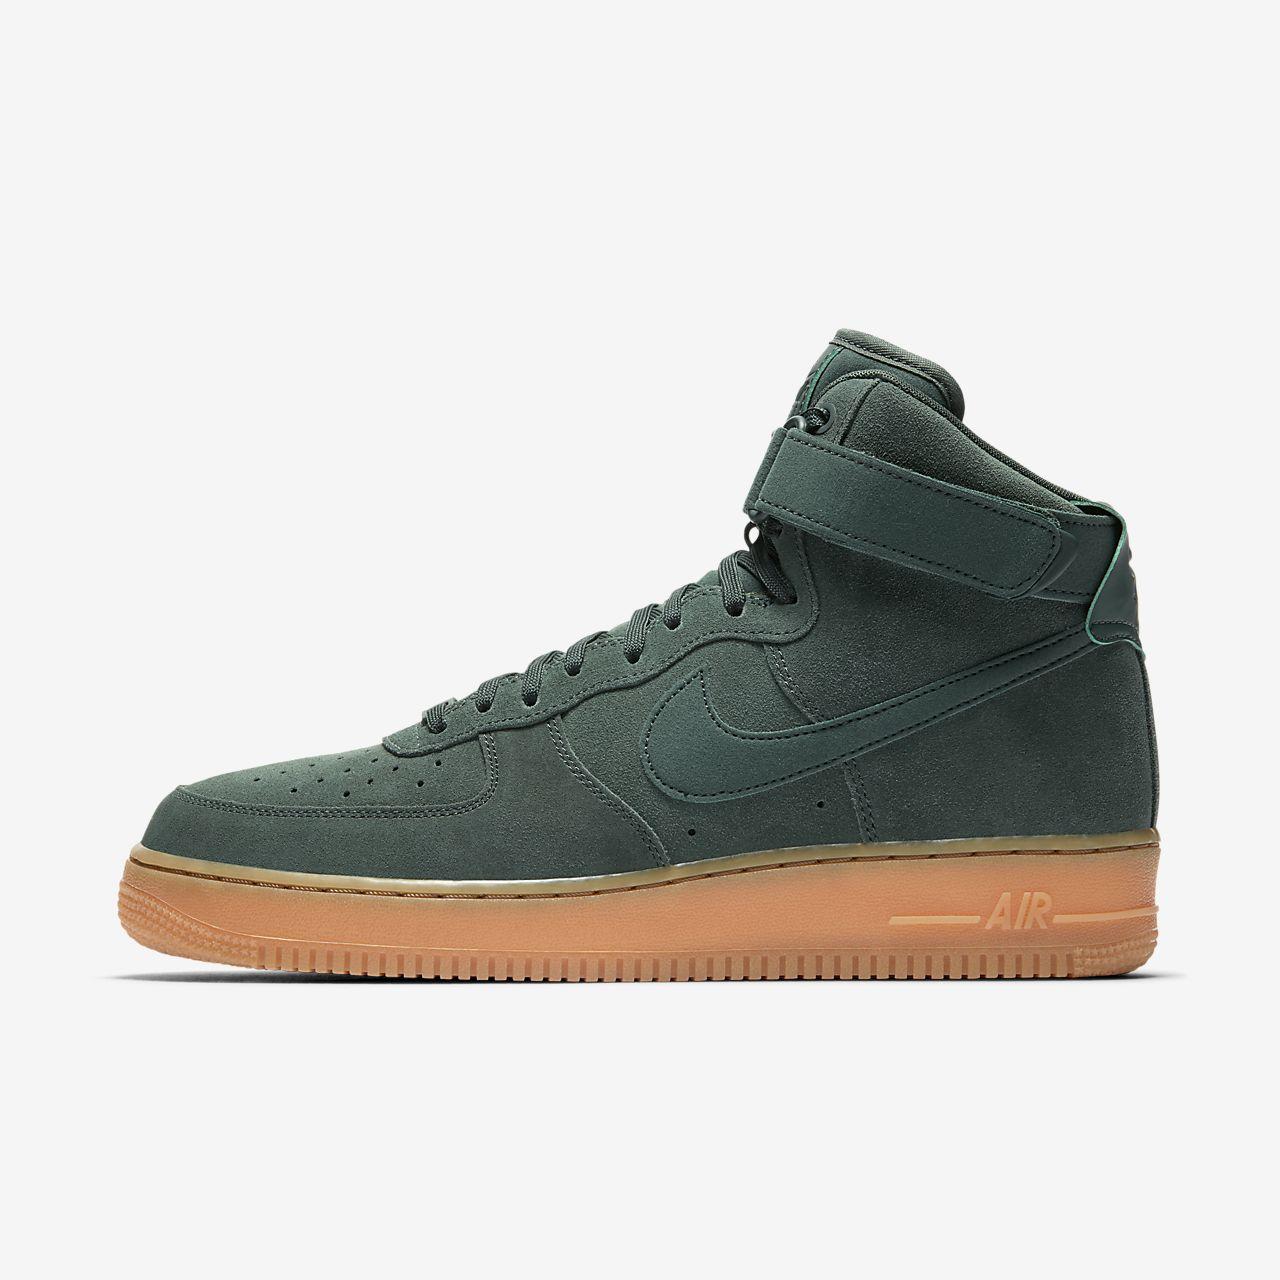 quality design 07021 dd48b Nike Air Force 1 High 07 LV8 Suede – sko til mænd